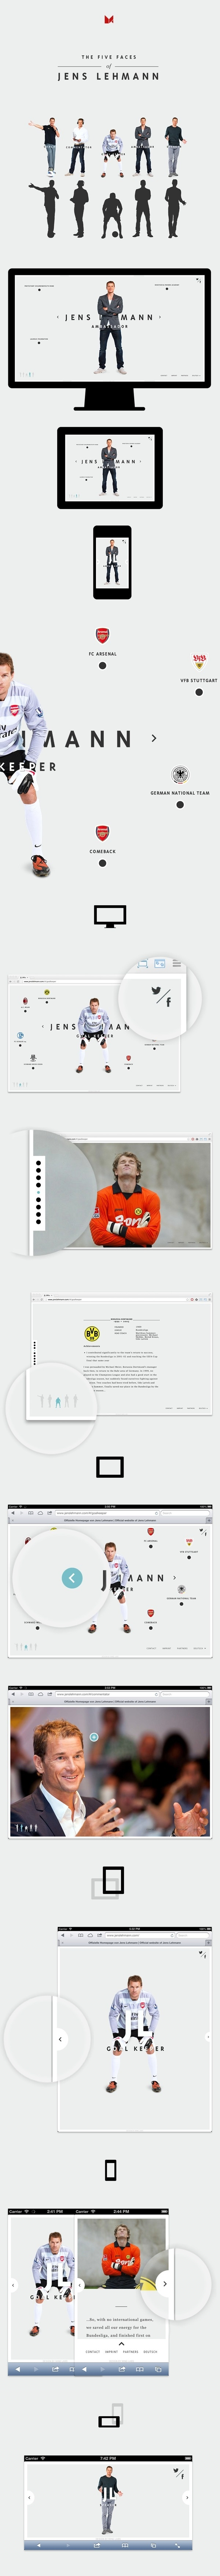 Jens Lehmann Personal Website on Behance #website #football #sebsite #web